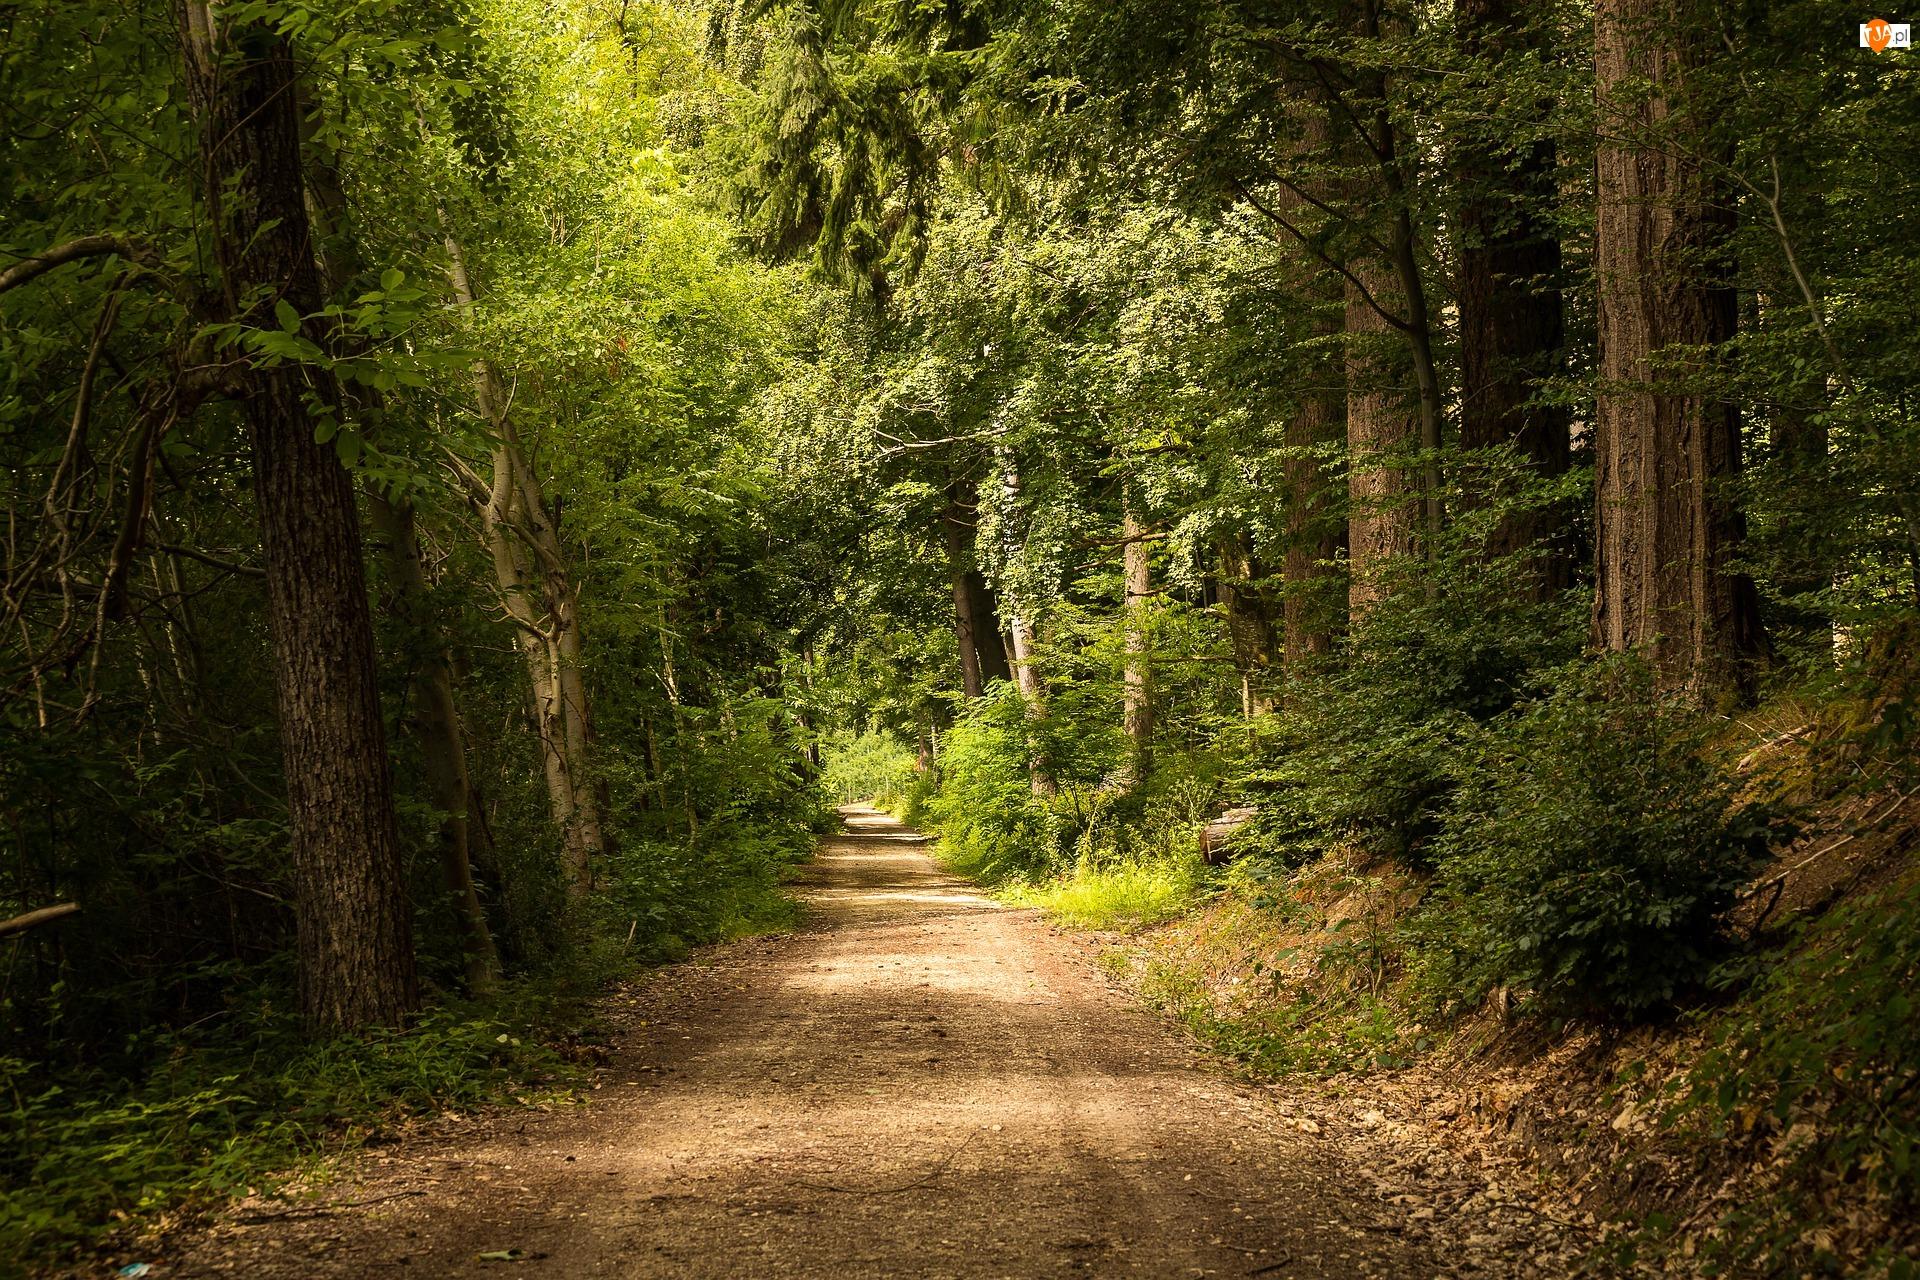 Drzewa, Ścieżka, Liściasty, Las, Droga